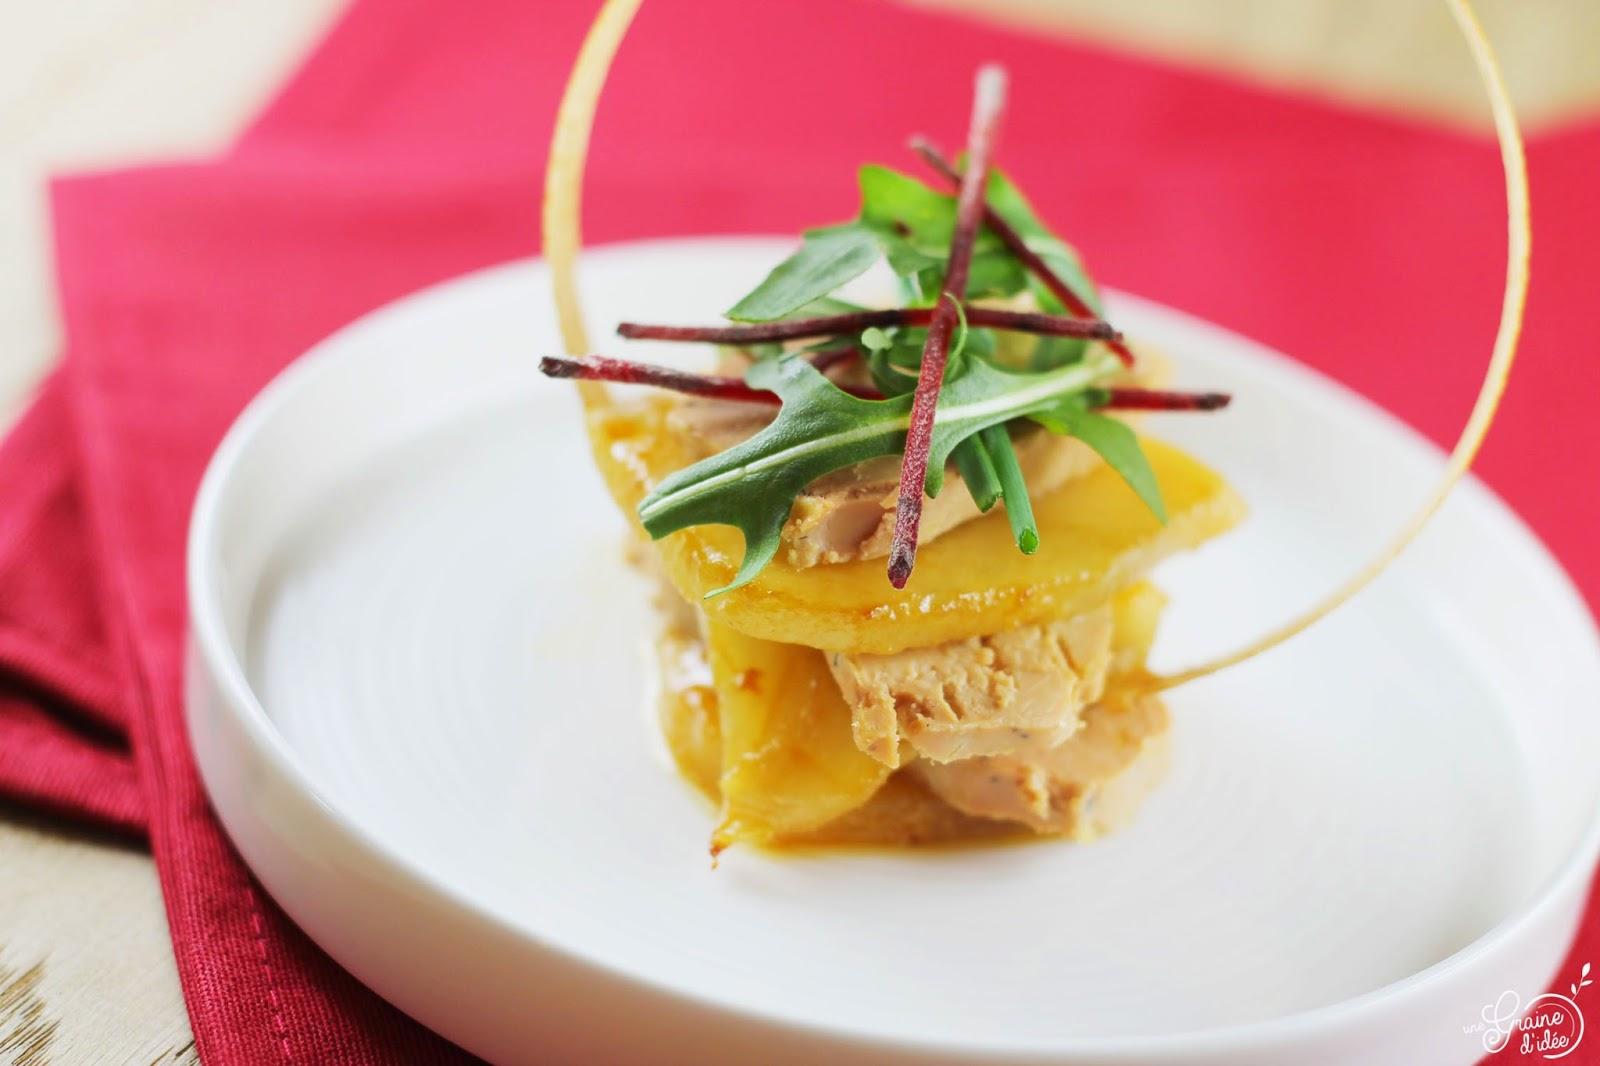 Mille-feuille de Foie Gras et Poire au Miel - Une Graine d'Idée